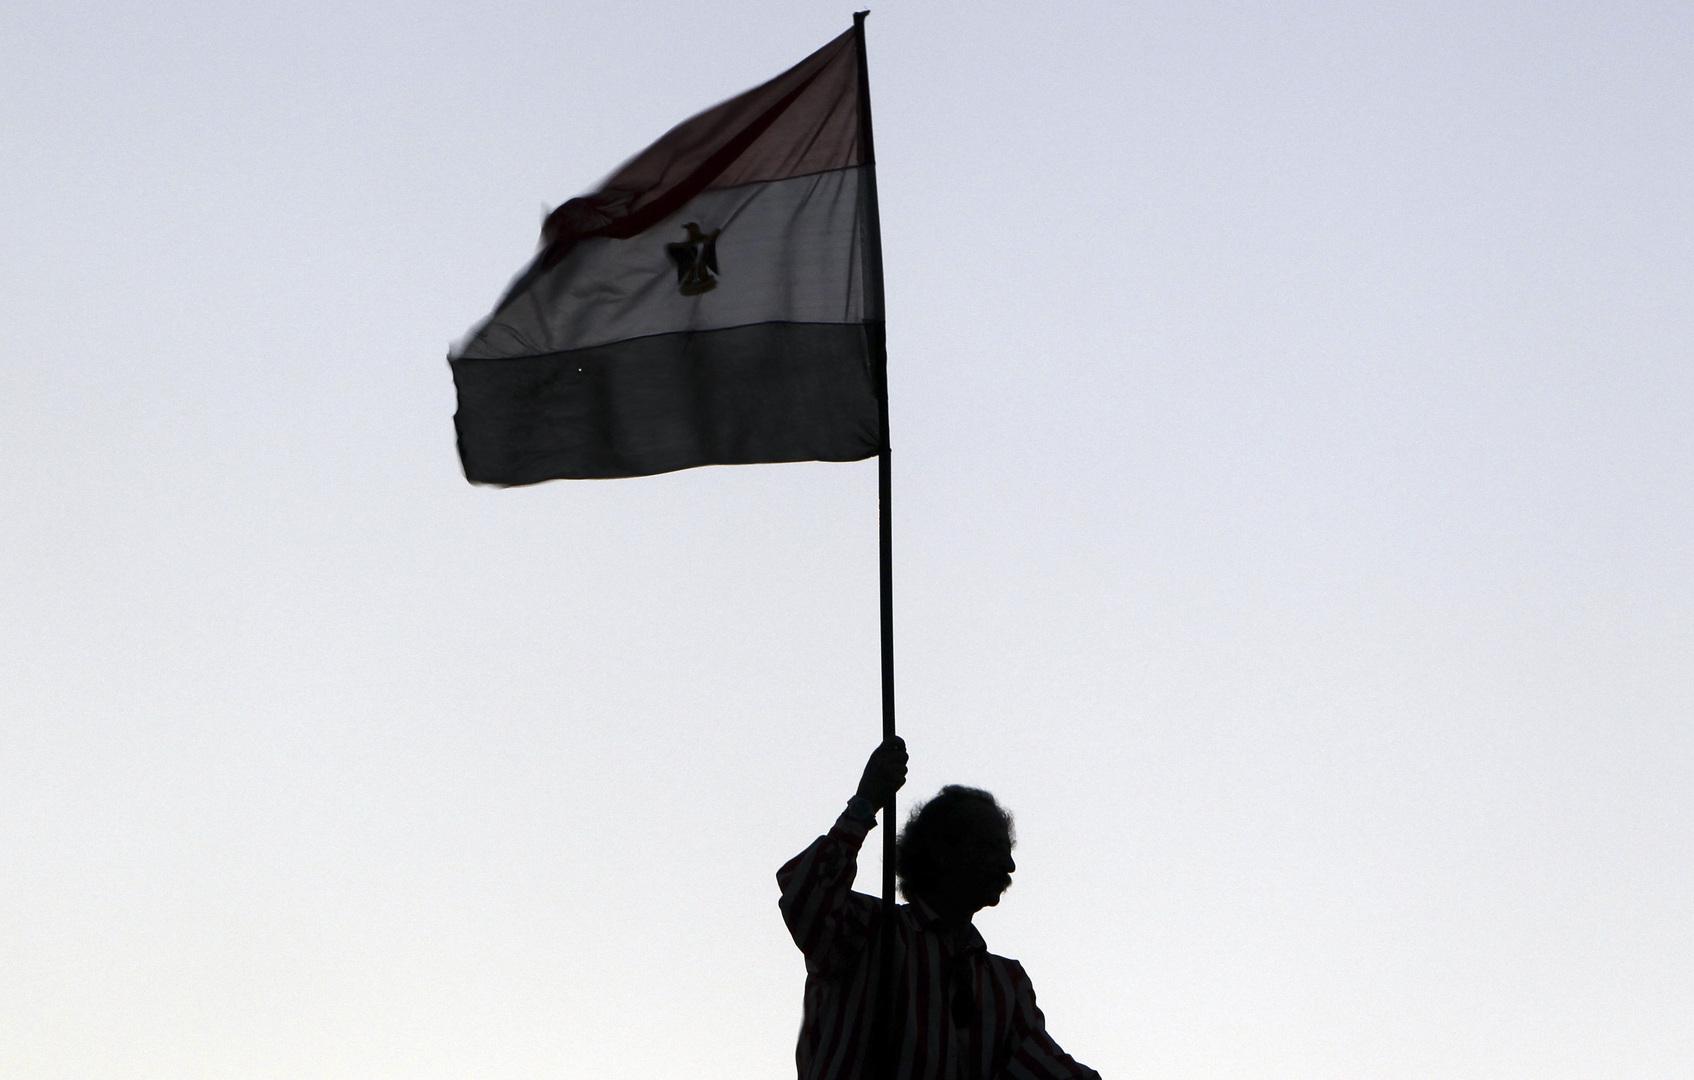 مصر.. الكشف عن عملية اختلاس كبرى طالت المستلزمات الطبية لمكافحة كورونا